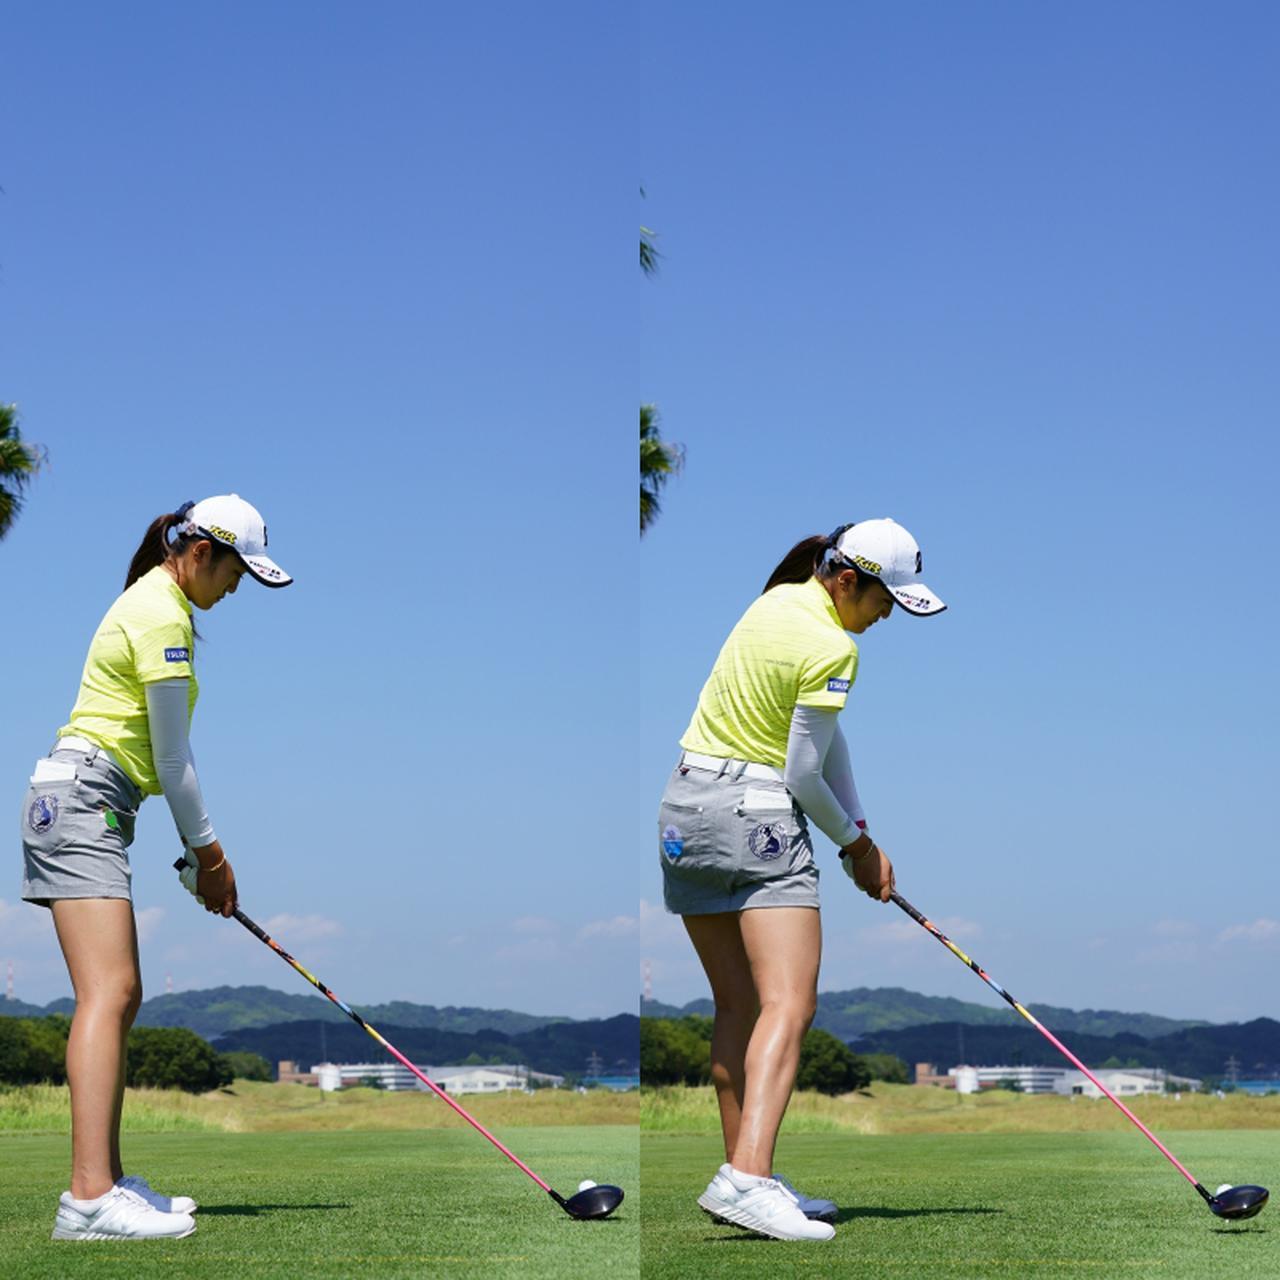 画像: 画像C アドレスとインパクトを比べるとクラブの位置の再現度に驚く(写真は2020年日本女子プロゴルフ選手権 写真/姉崎正)